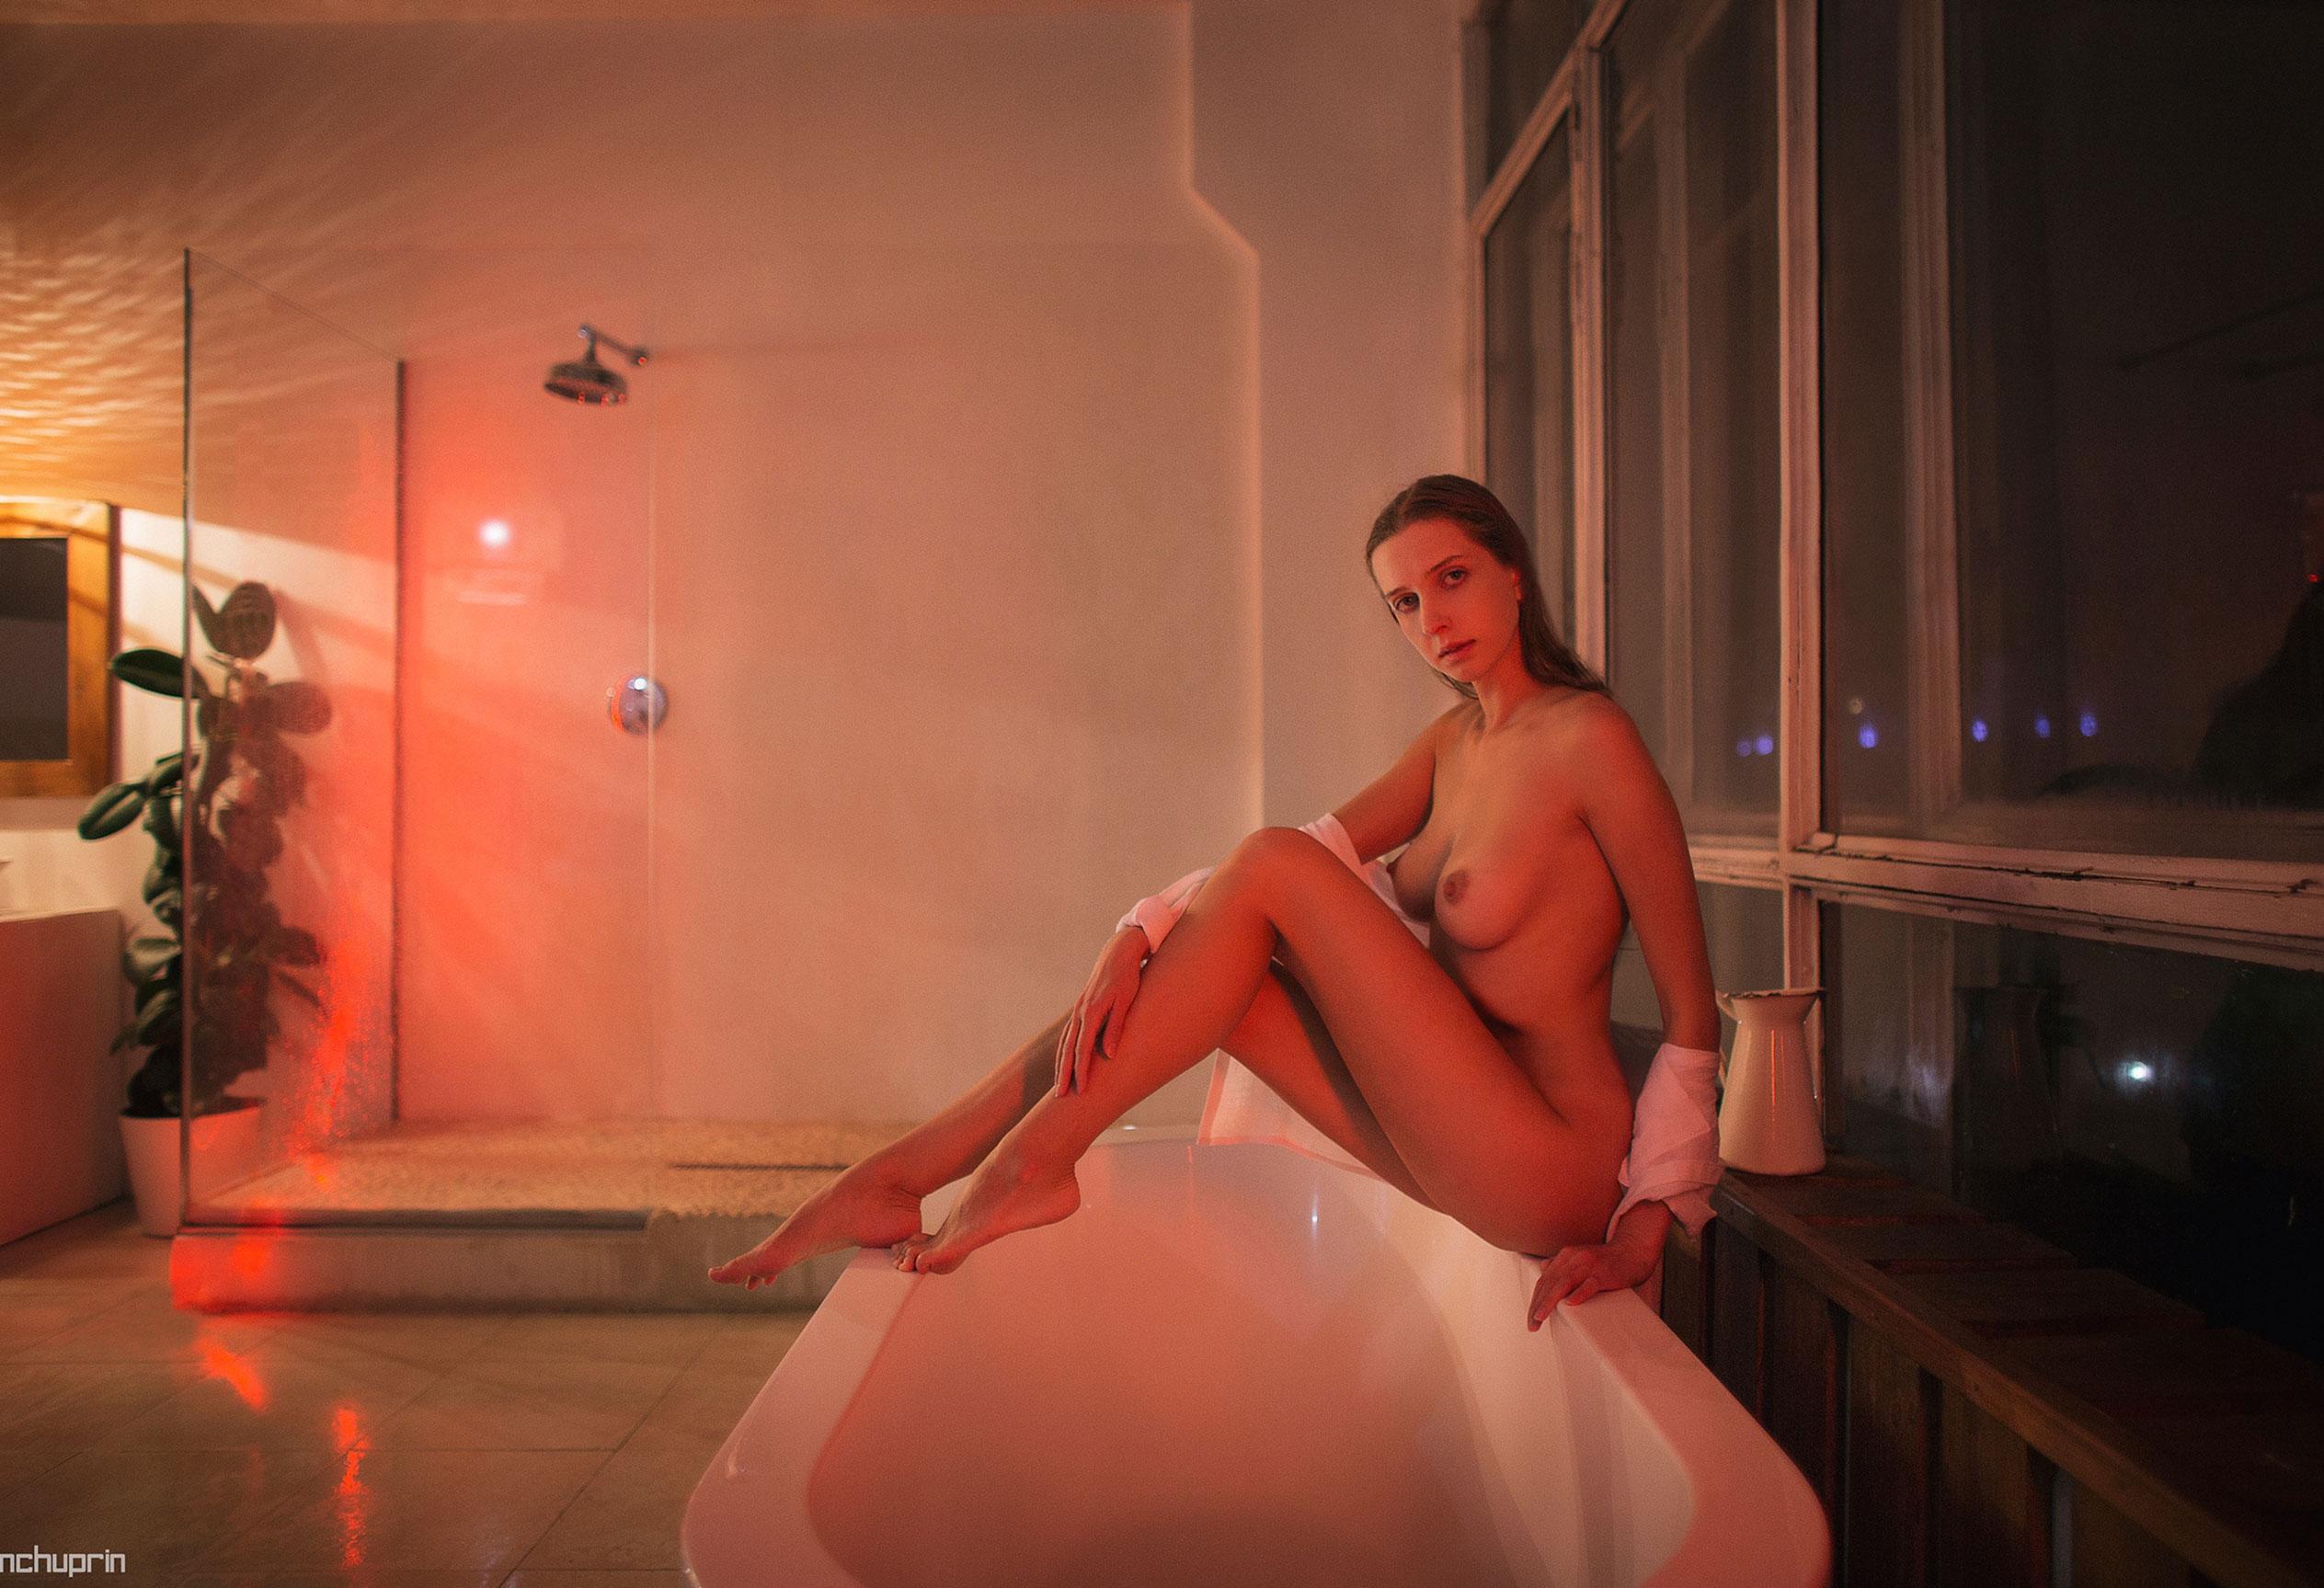 Катерина Райх принимает душ, под светом красных ламп / фото 03